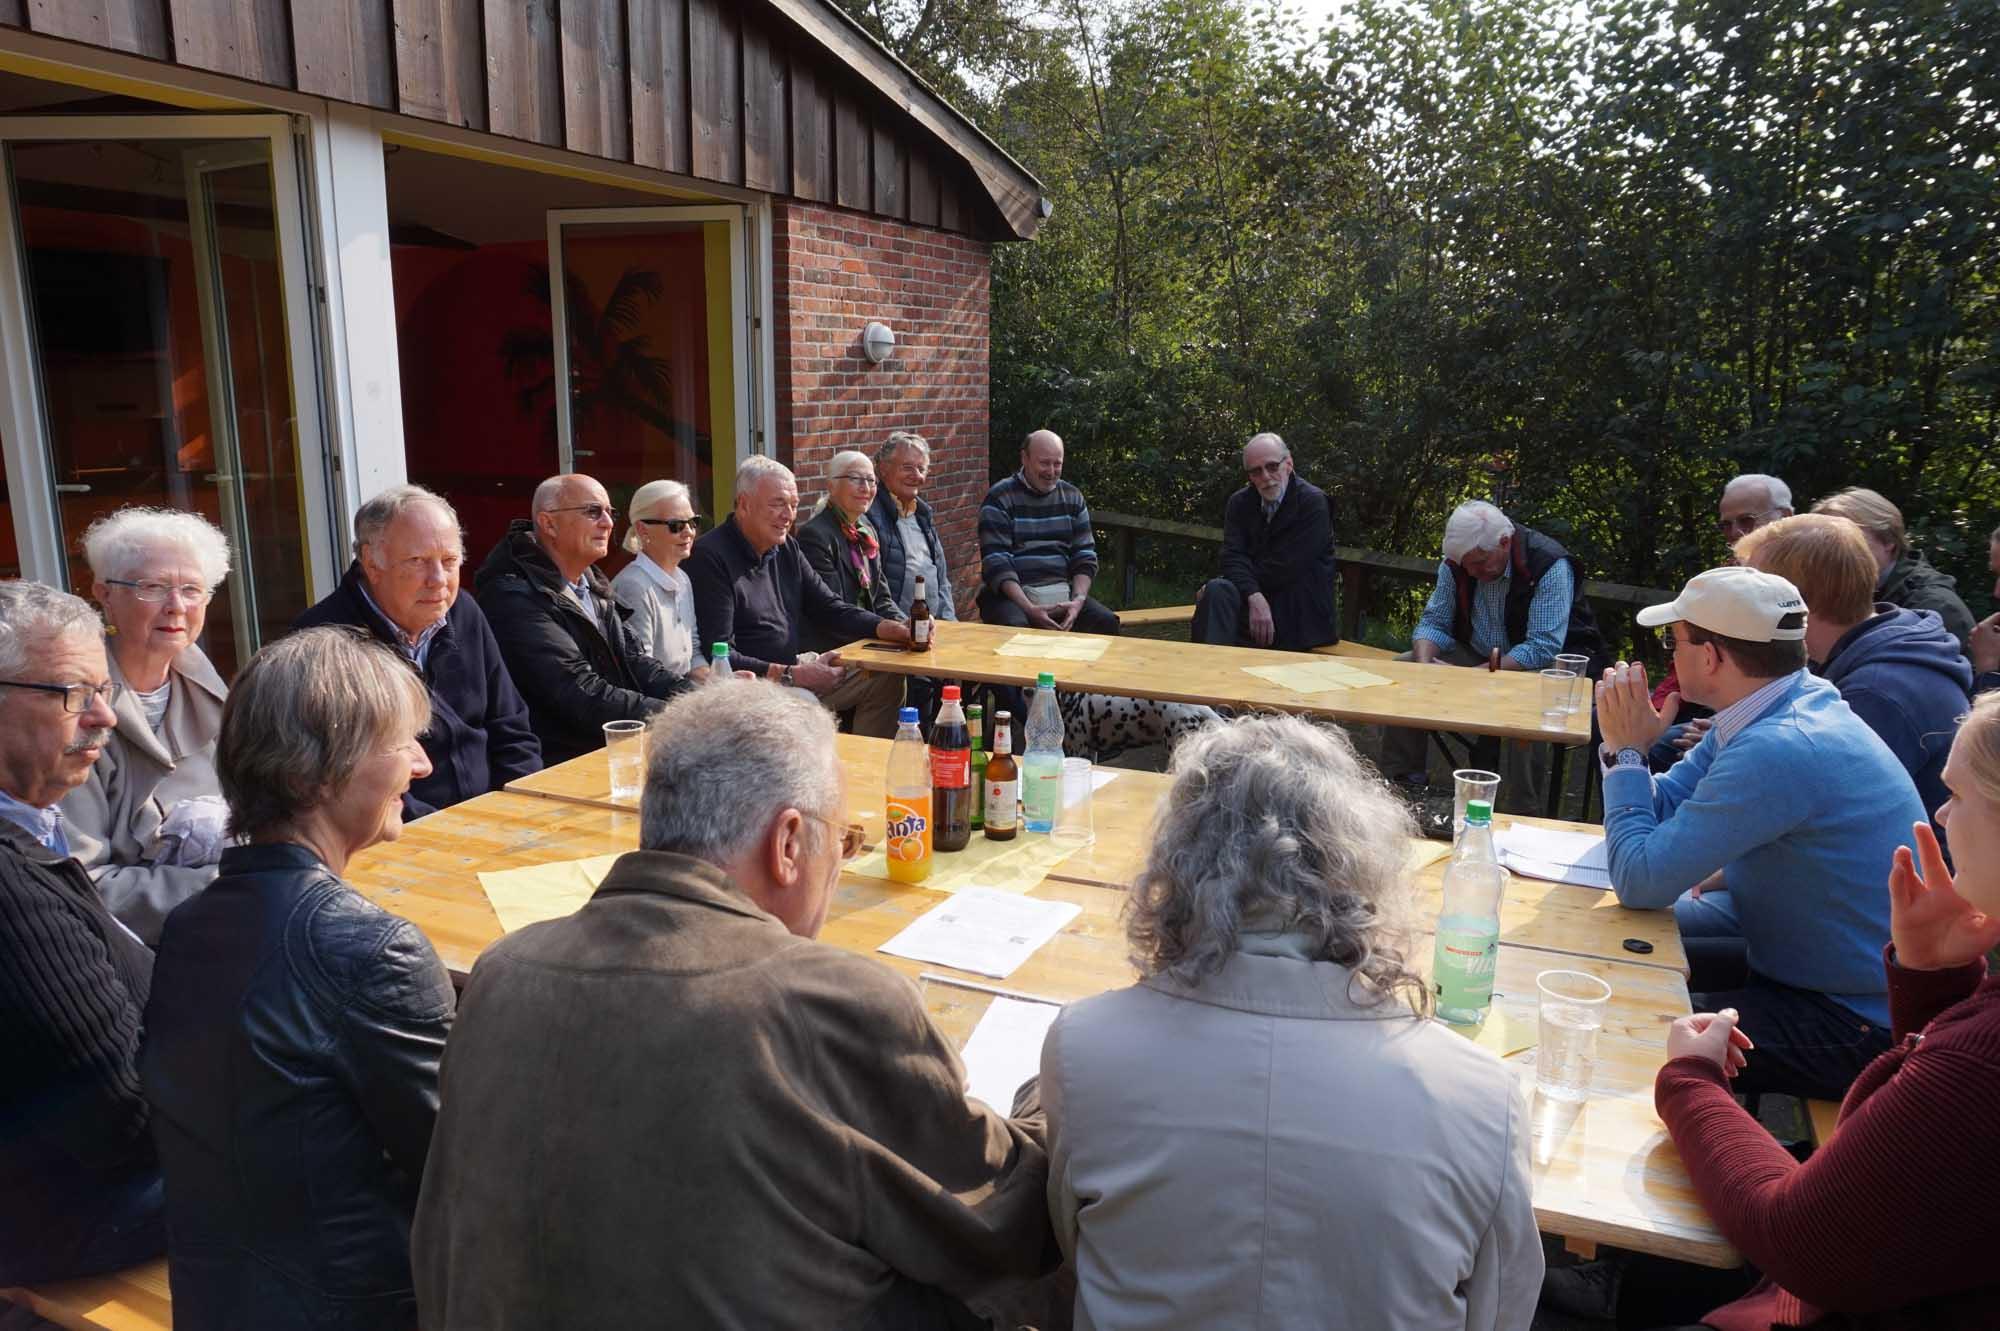 BDE-Treffen-2017-00627-33-Copyrights-Anton-Ahrens.jpg